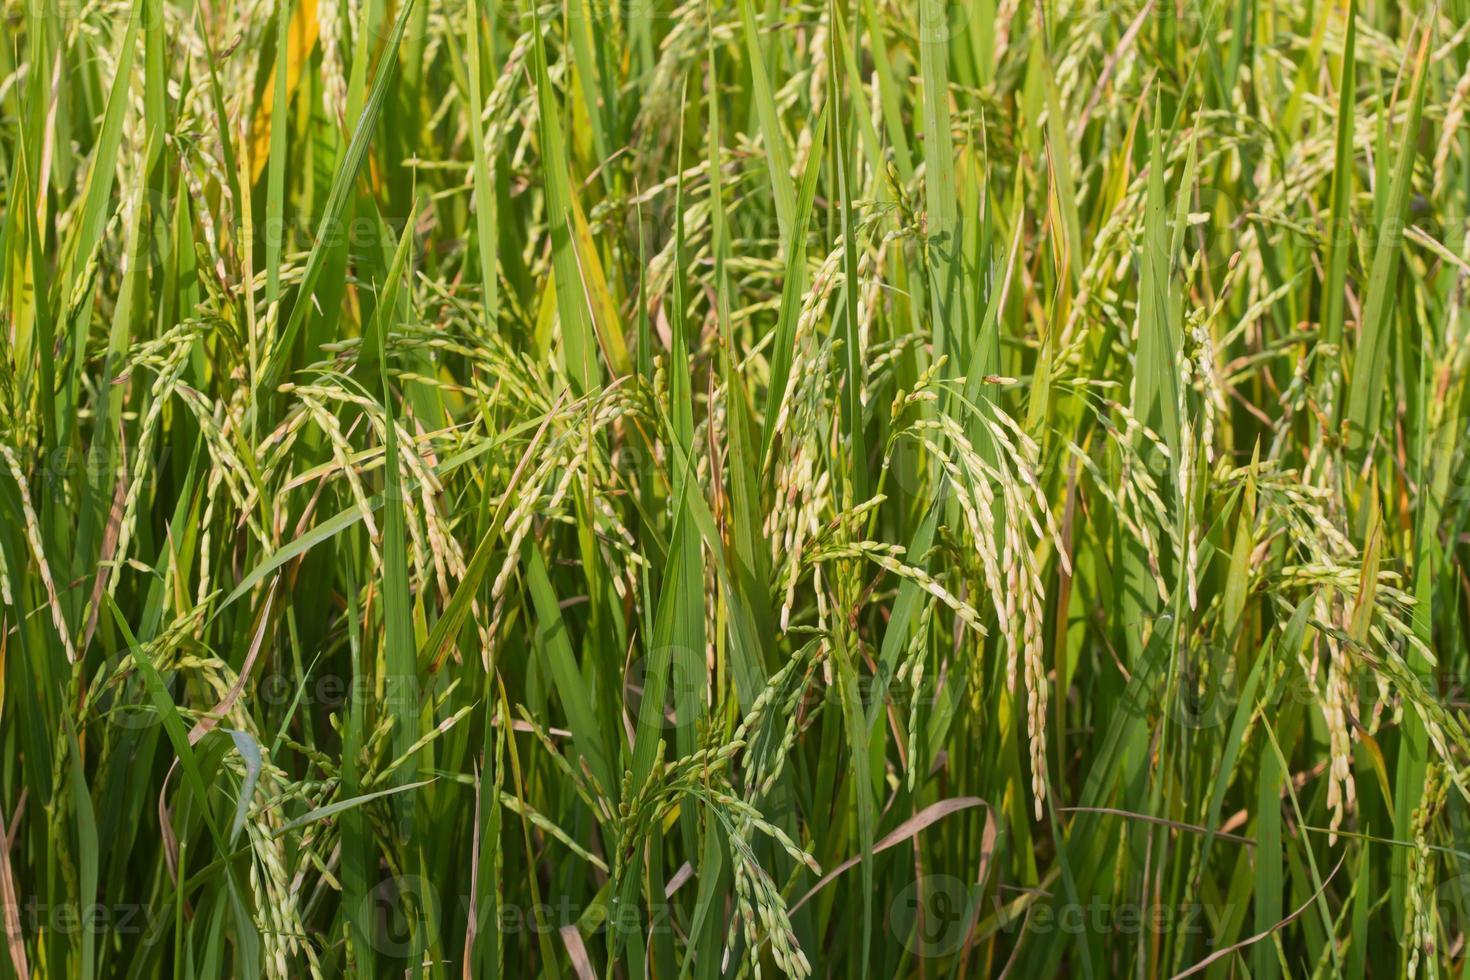 die schöne Landschaft der Reisfelder foto